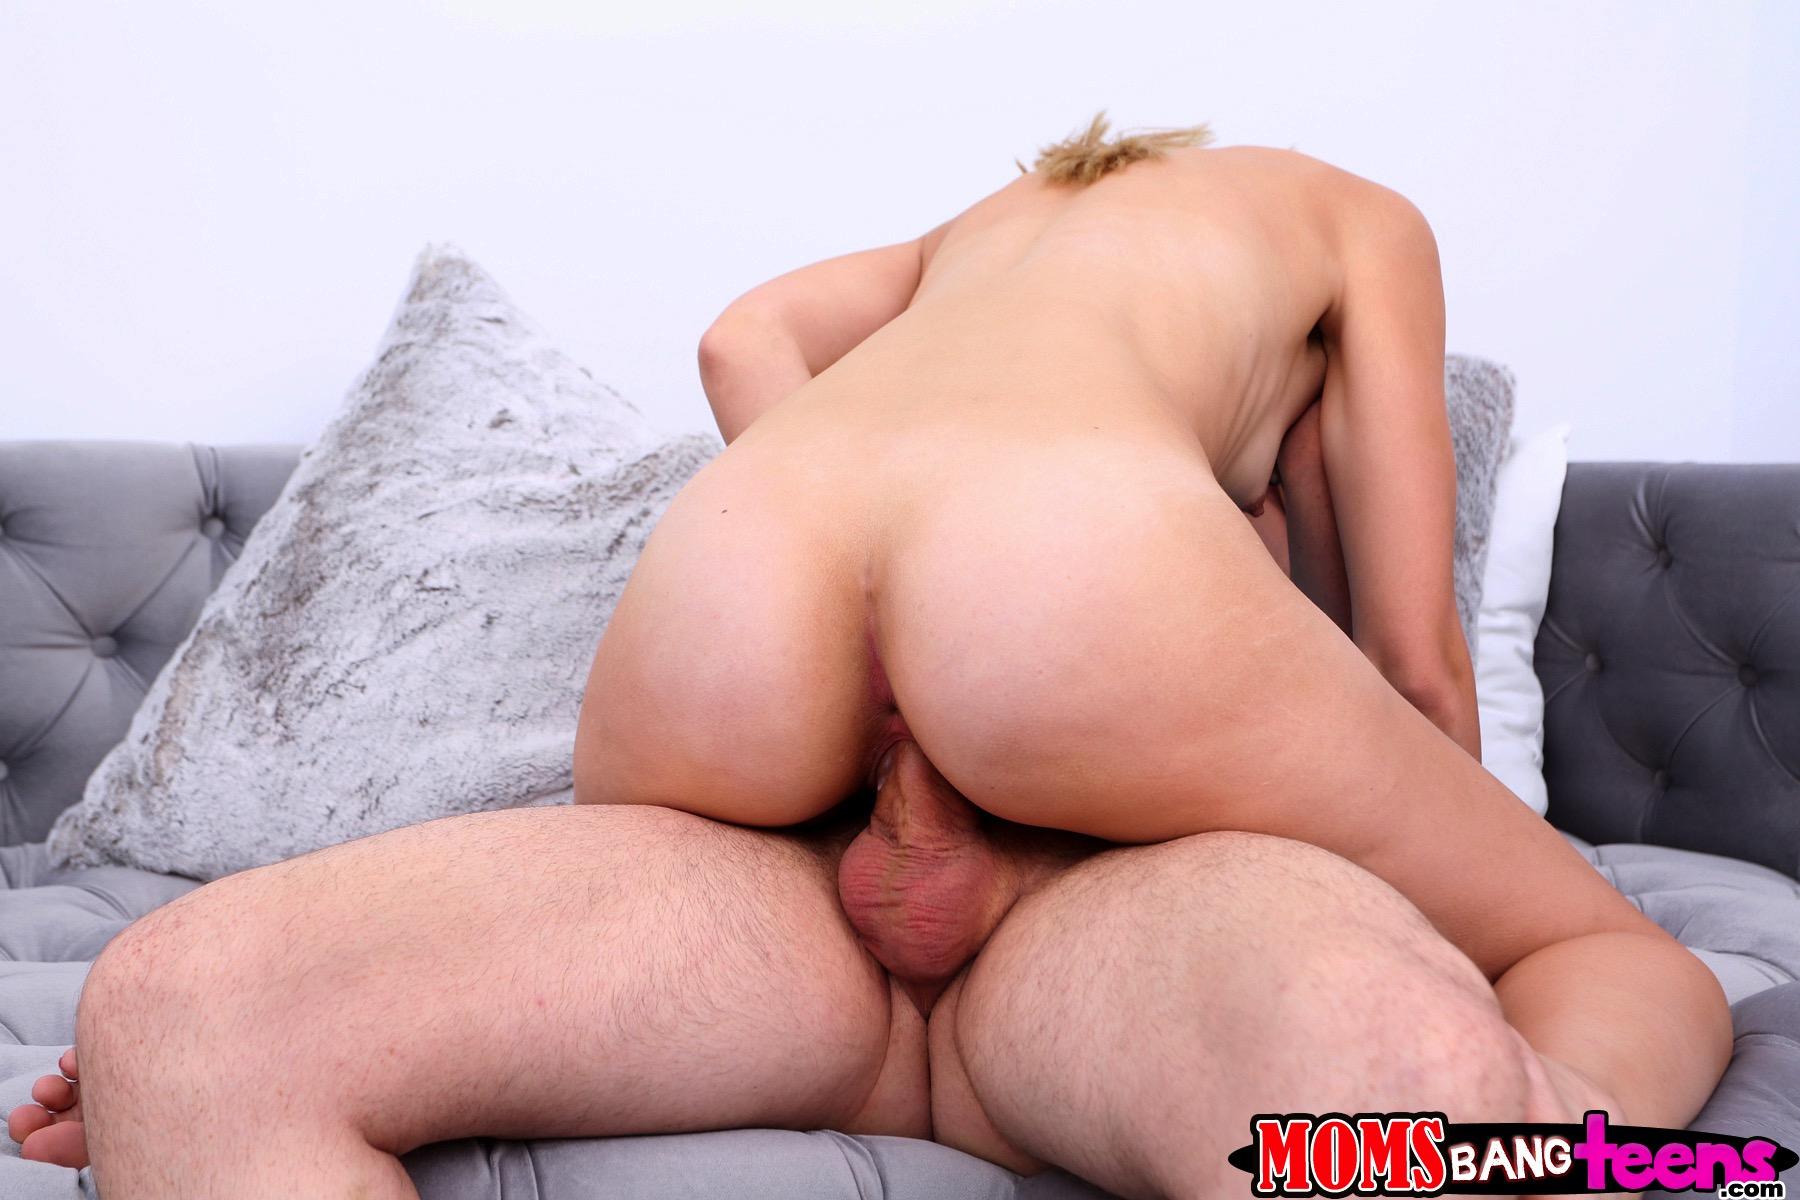 La madre regresa a casa y captura a su hija cogiendo